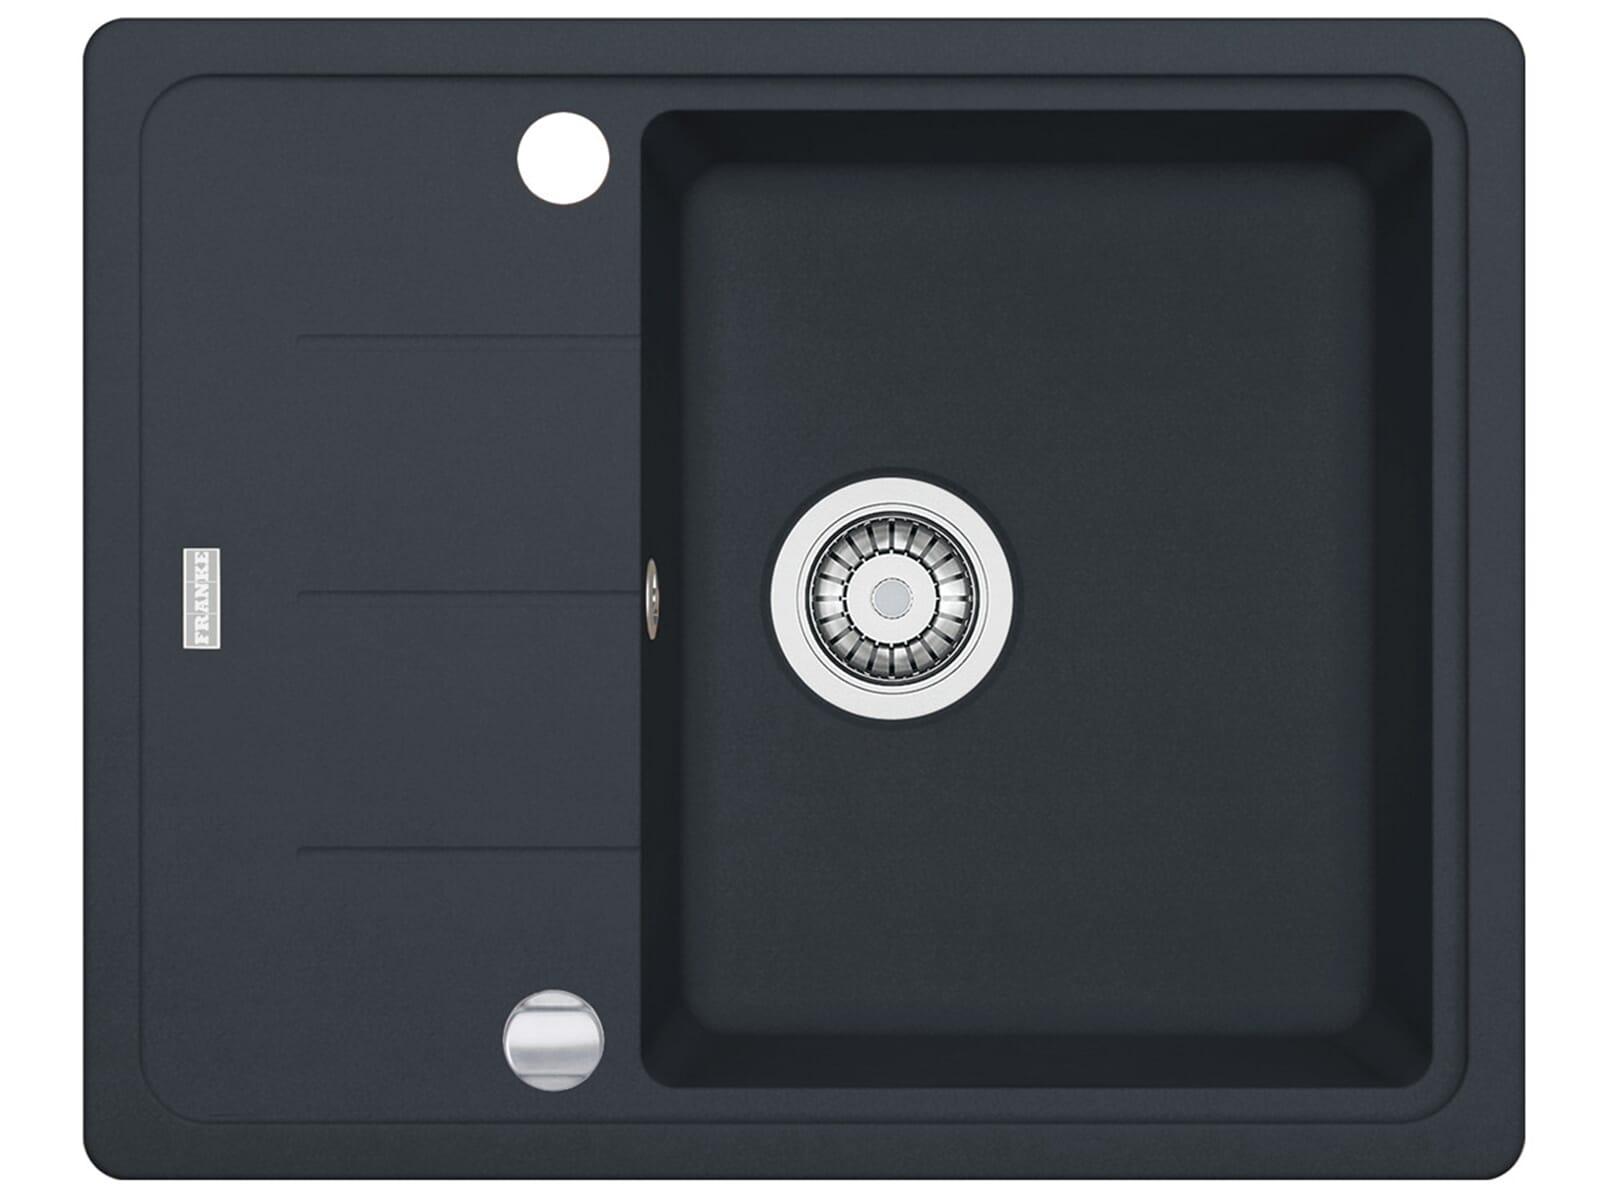 Franke Basis BFG 611-62 Graphit Granitspüle